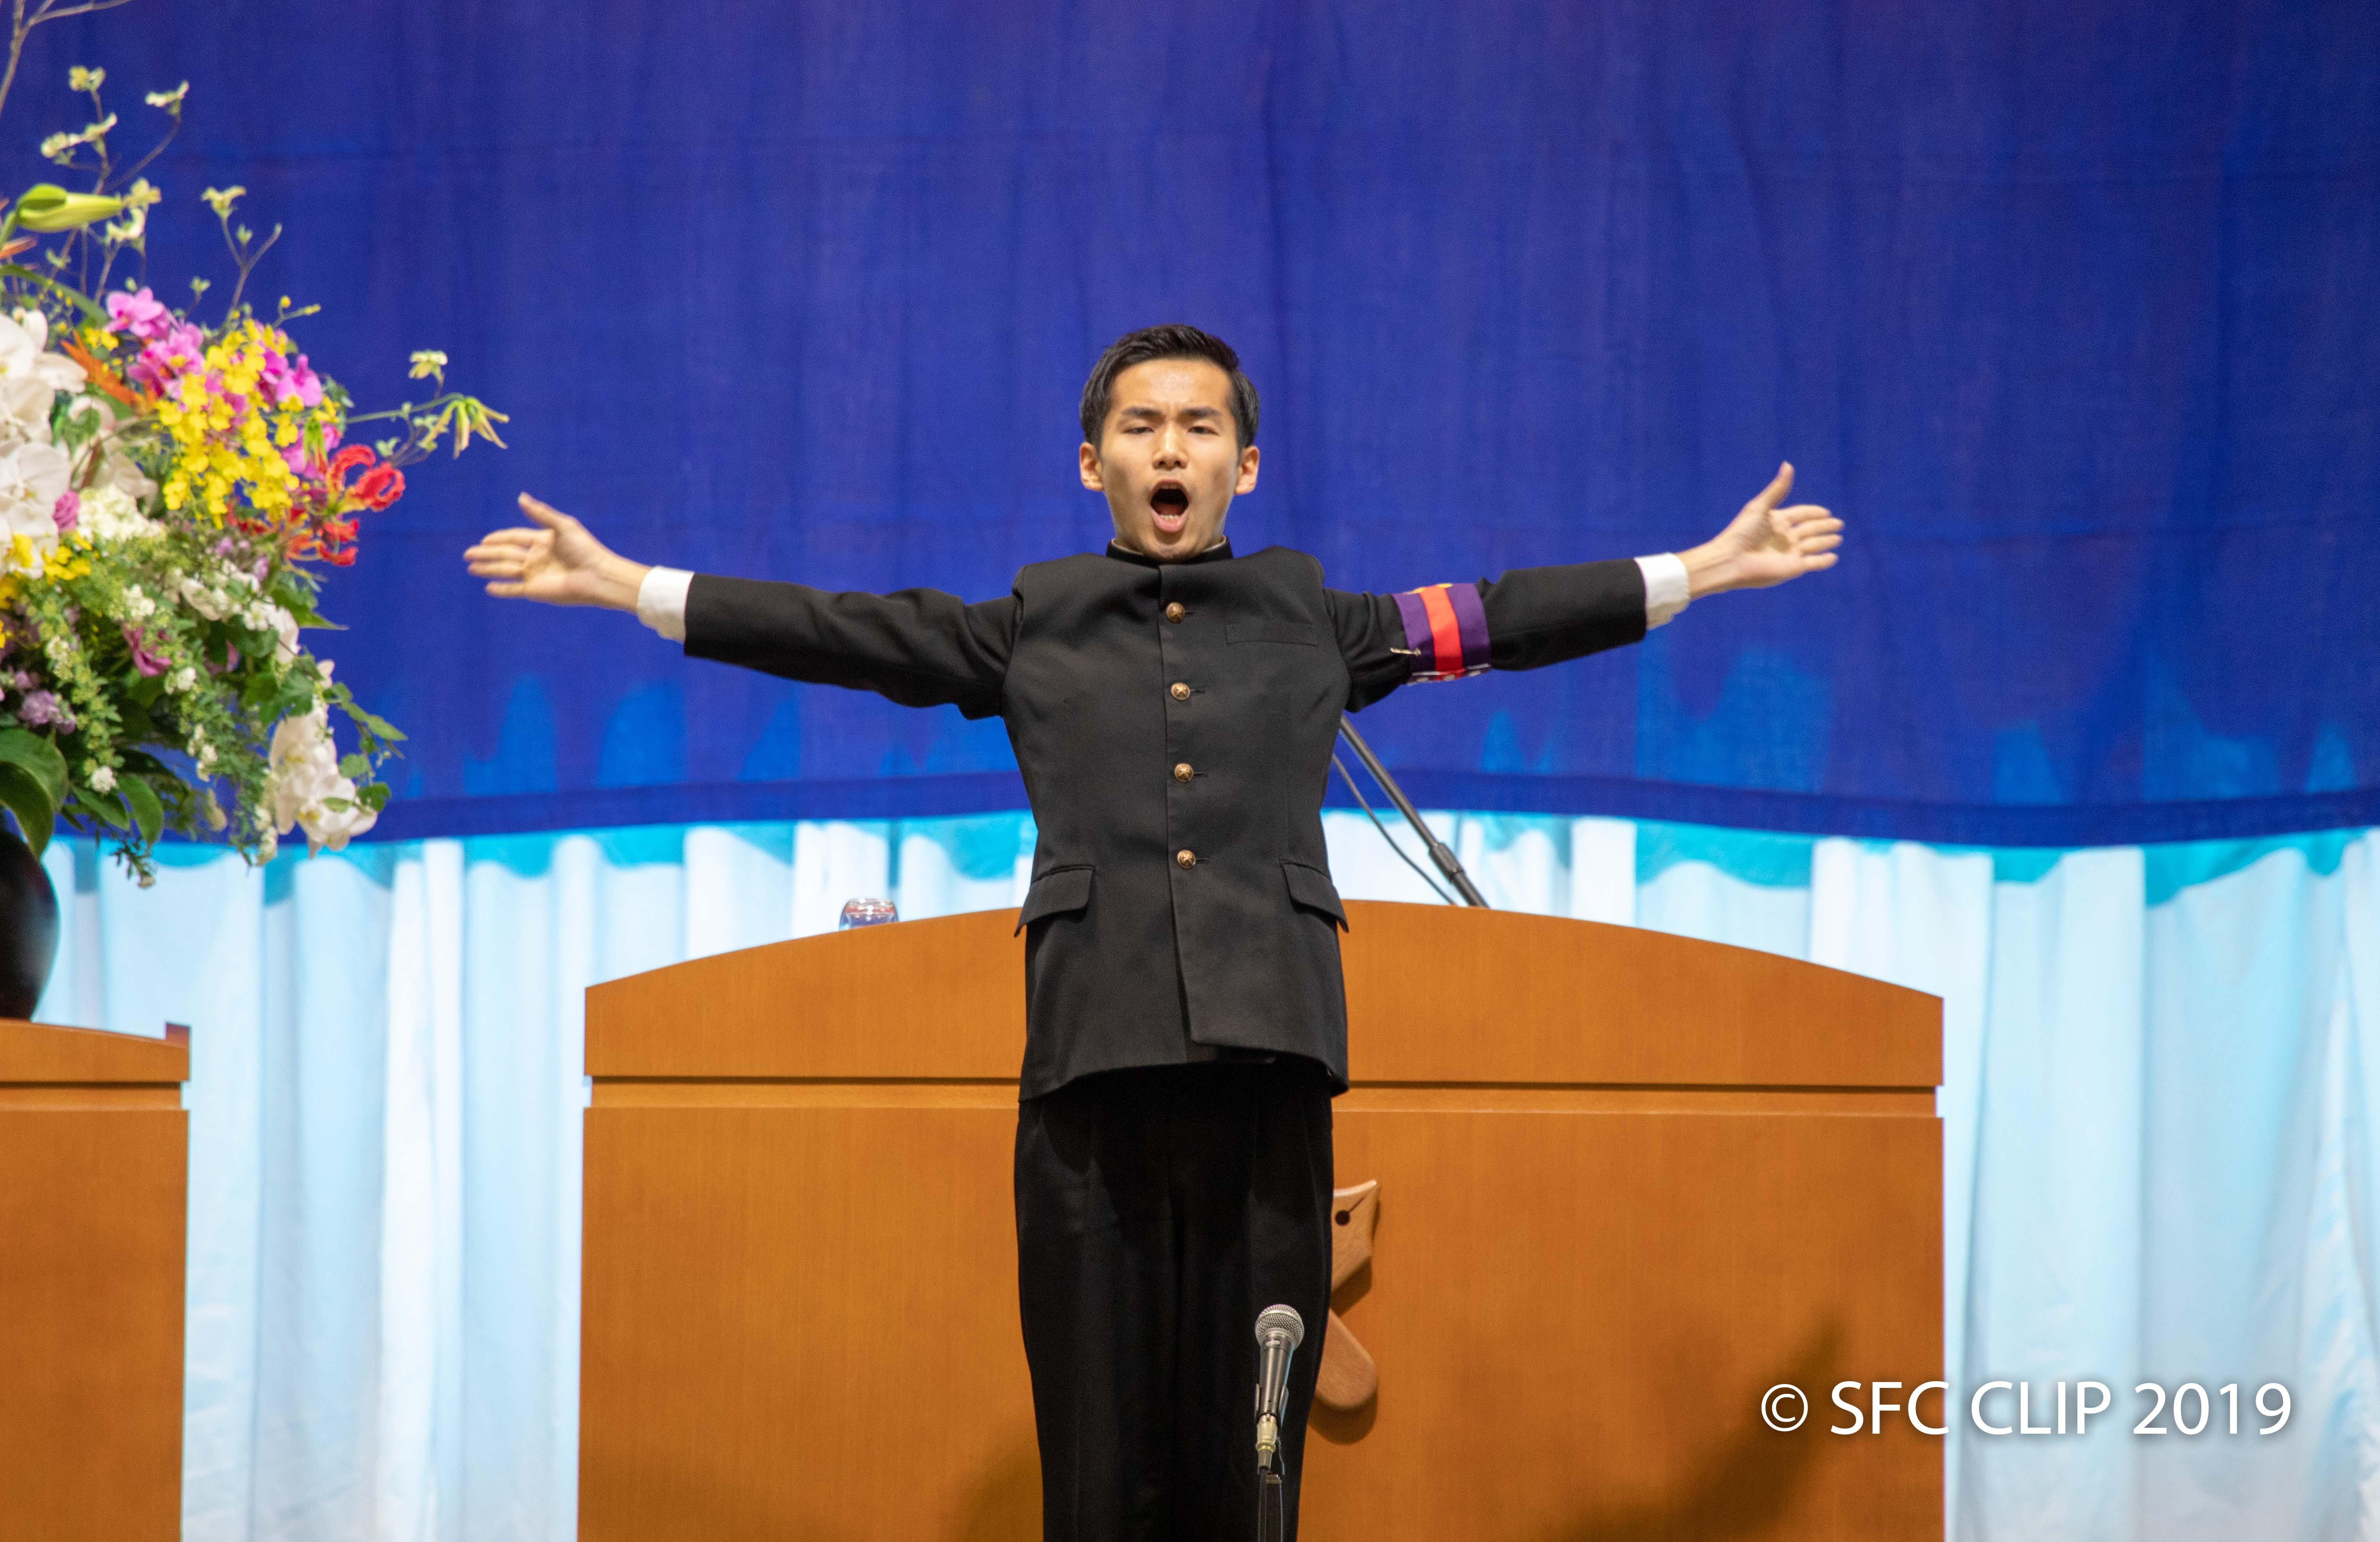 塾歌斉唱を指揮する應援指導部主将の中山貴裕さん(商4)